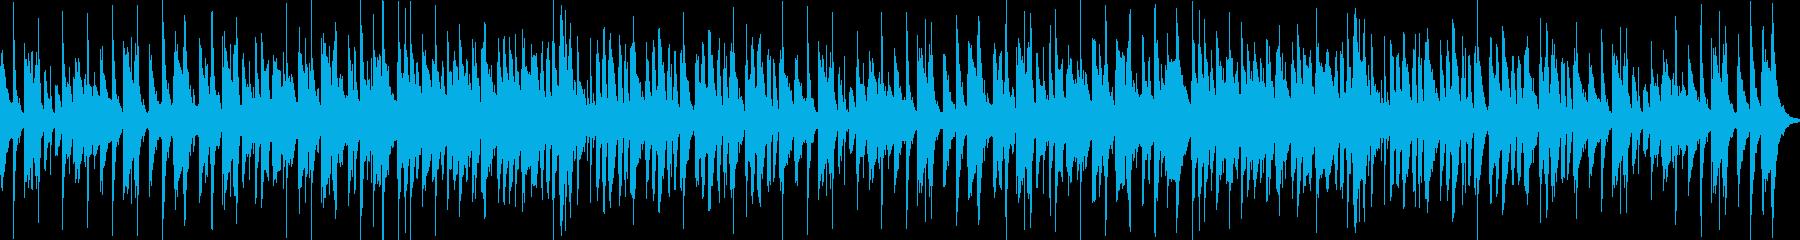 マリオっぽい曲で楽しい感じですの再生済みの波形